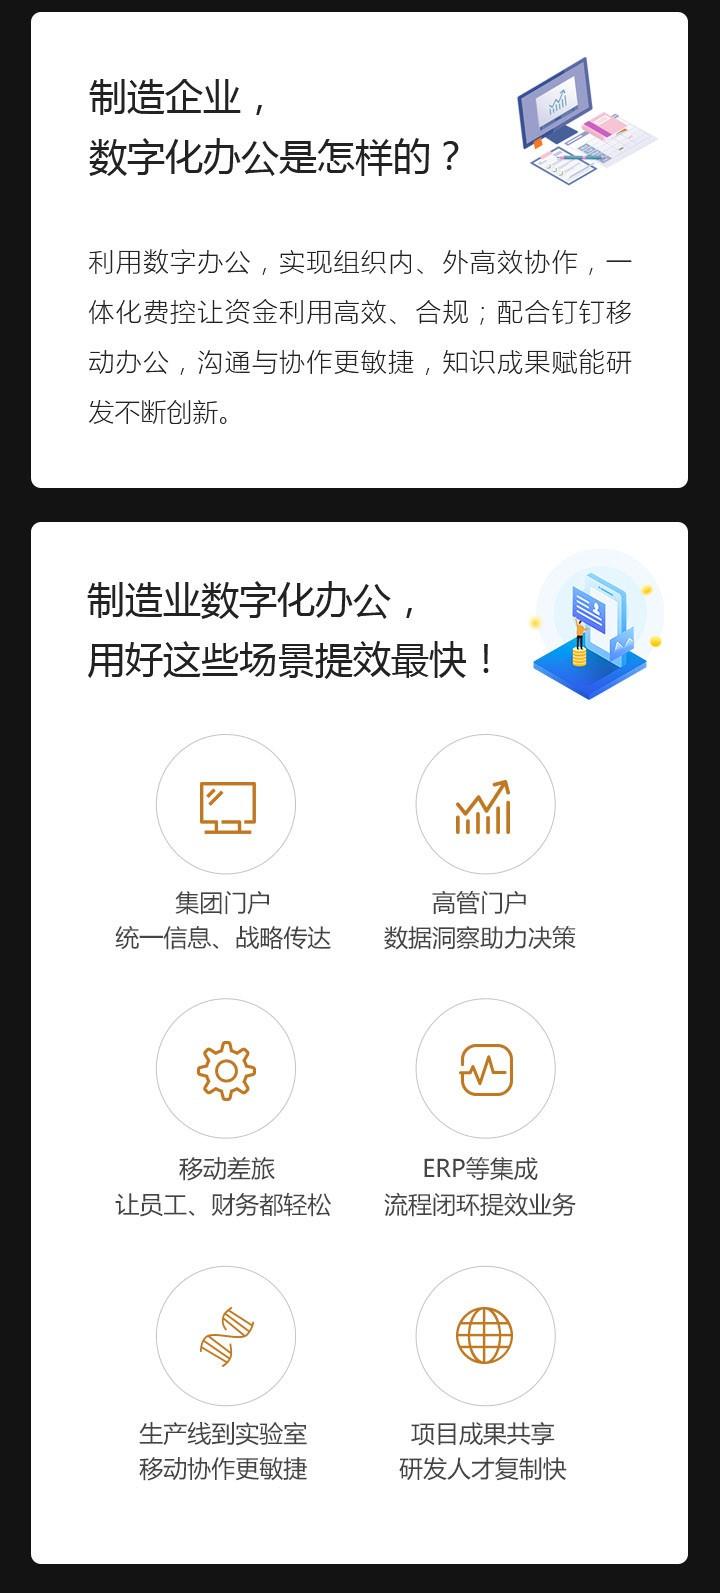 徐工、康佳等启用数字化办公,产业链效能提升-03